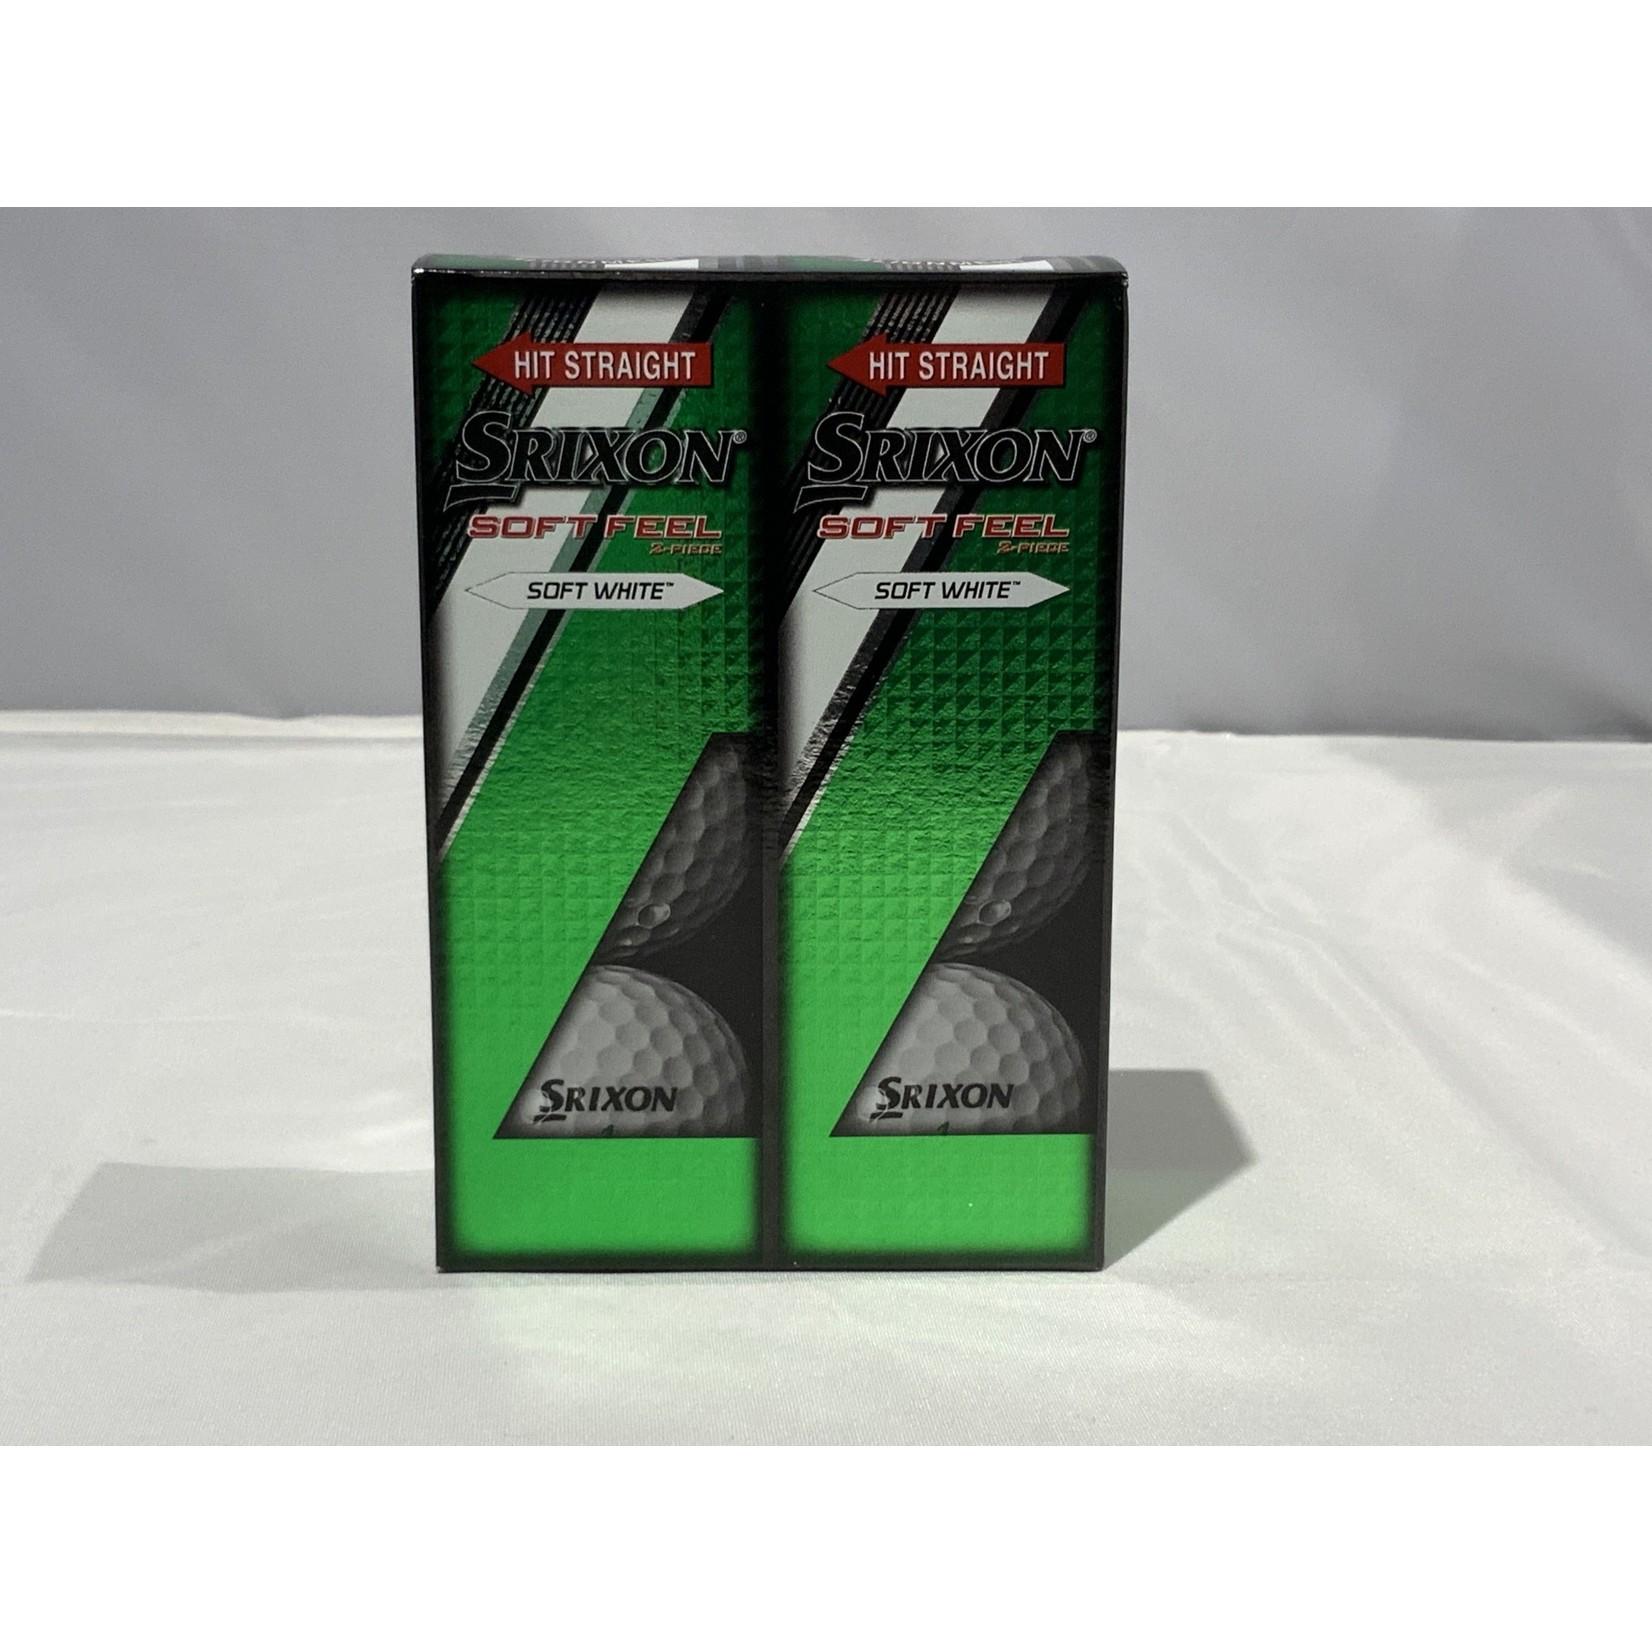 Srixon Srixon 6 pack SoftFeel